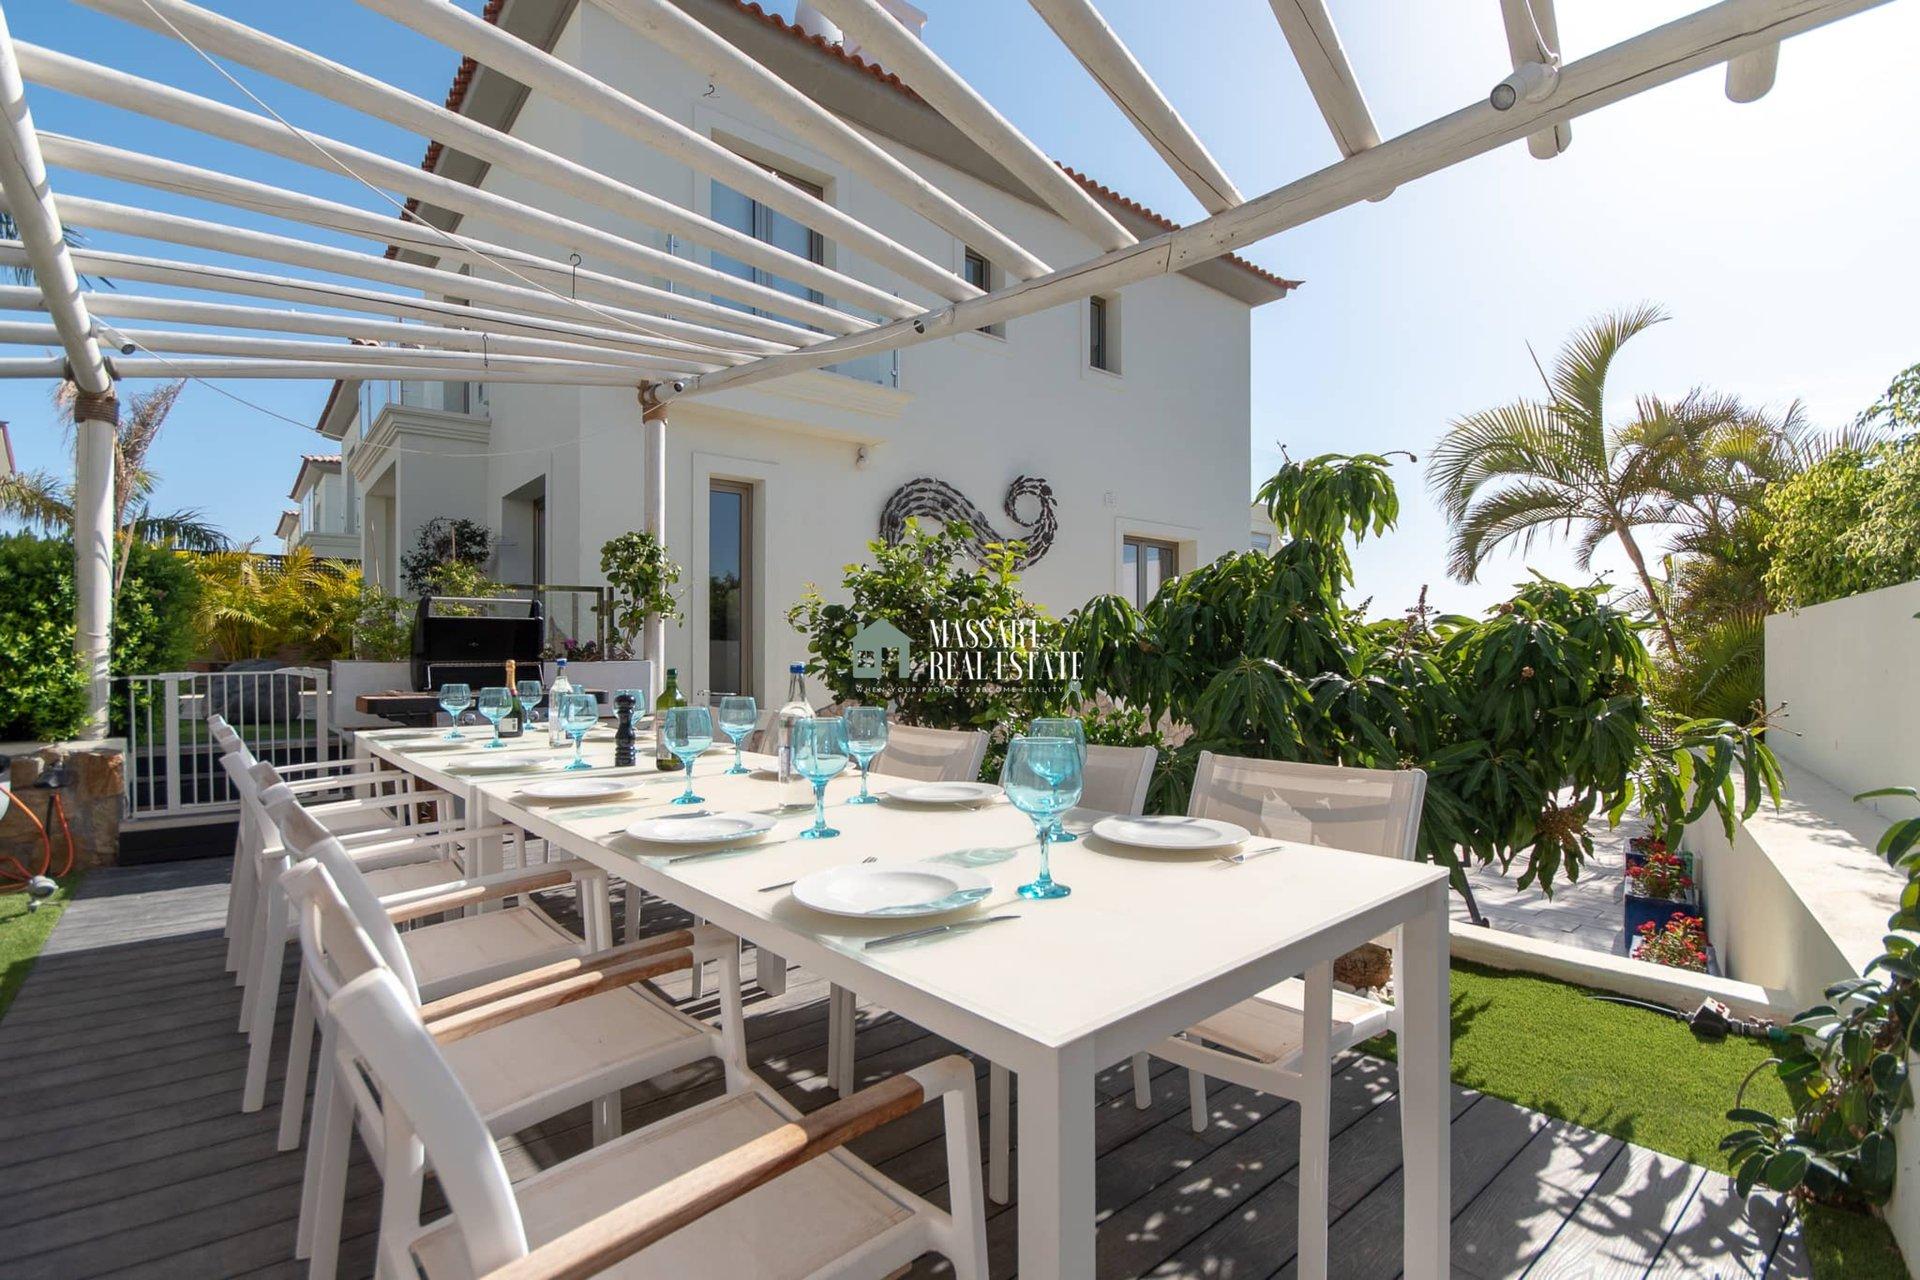 Luxuriöse Villa, die sich durch ihr exklusives Design aus Italien auszeichnet und von ihrem Balkon aus einen beeindruckenden Blick auf die Südküste der Insel bietet.